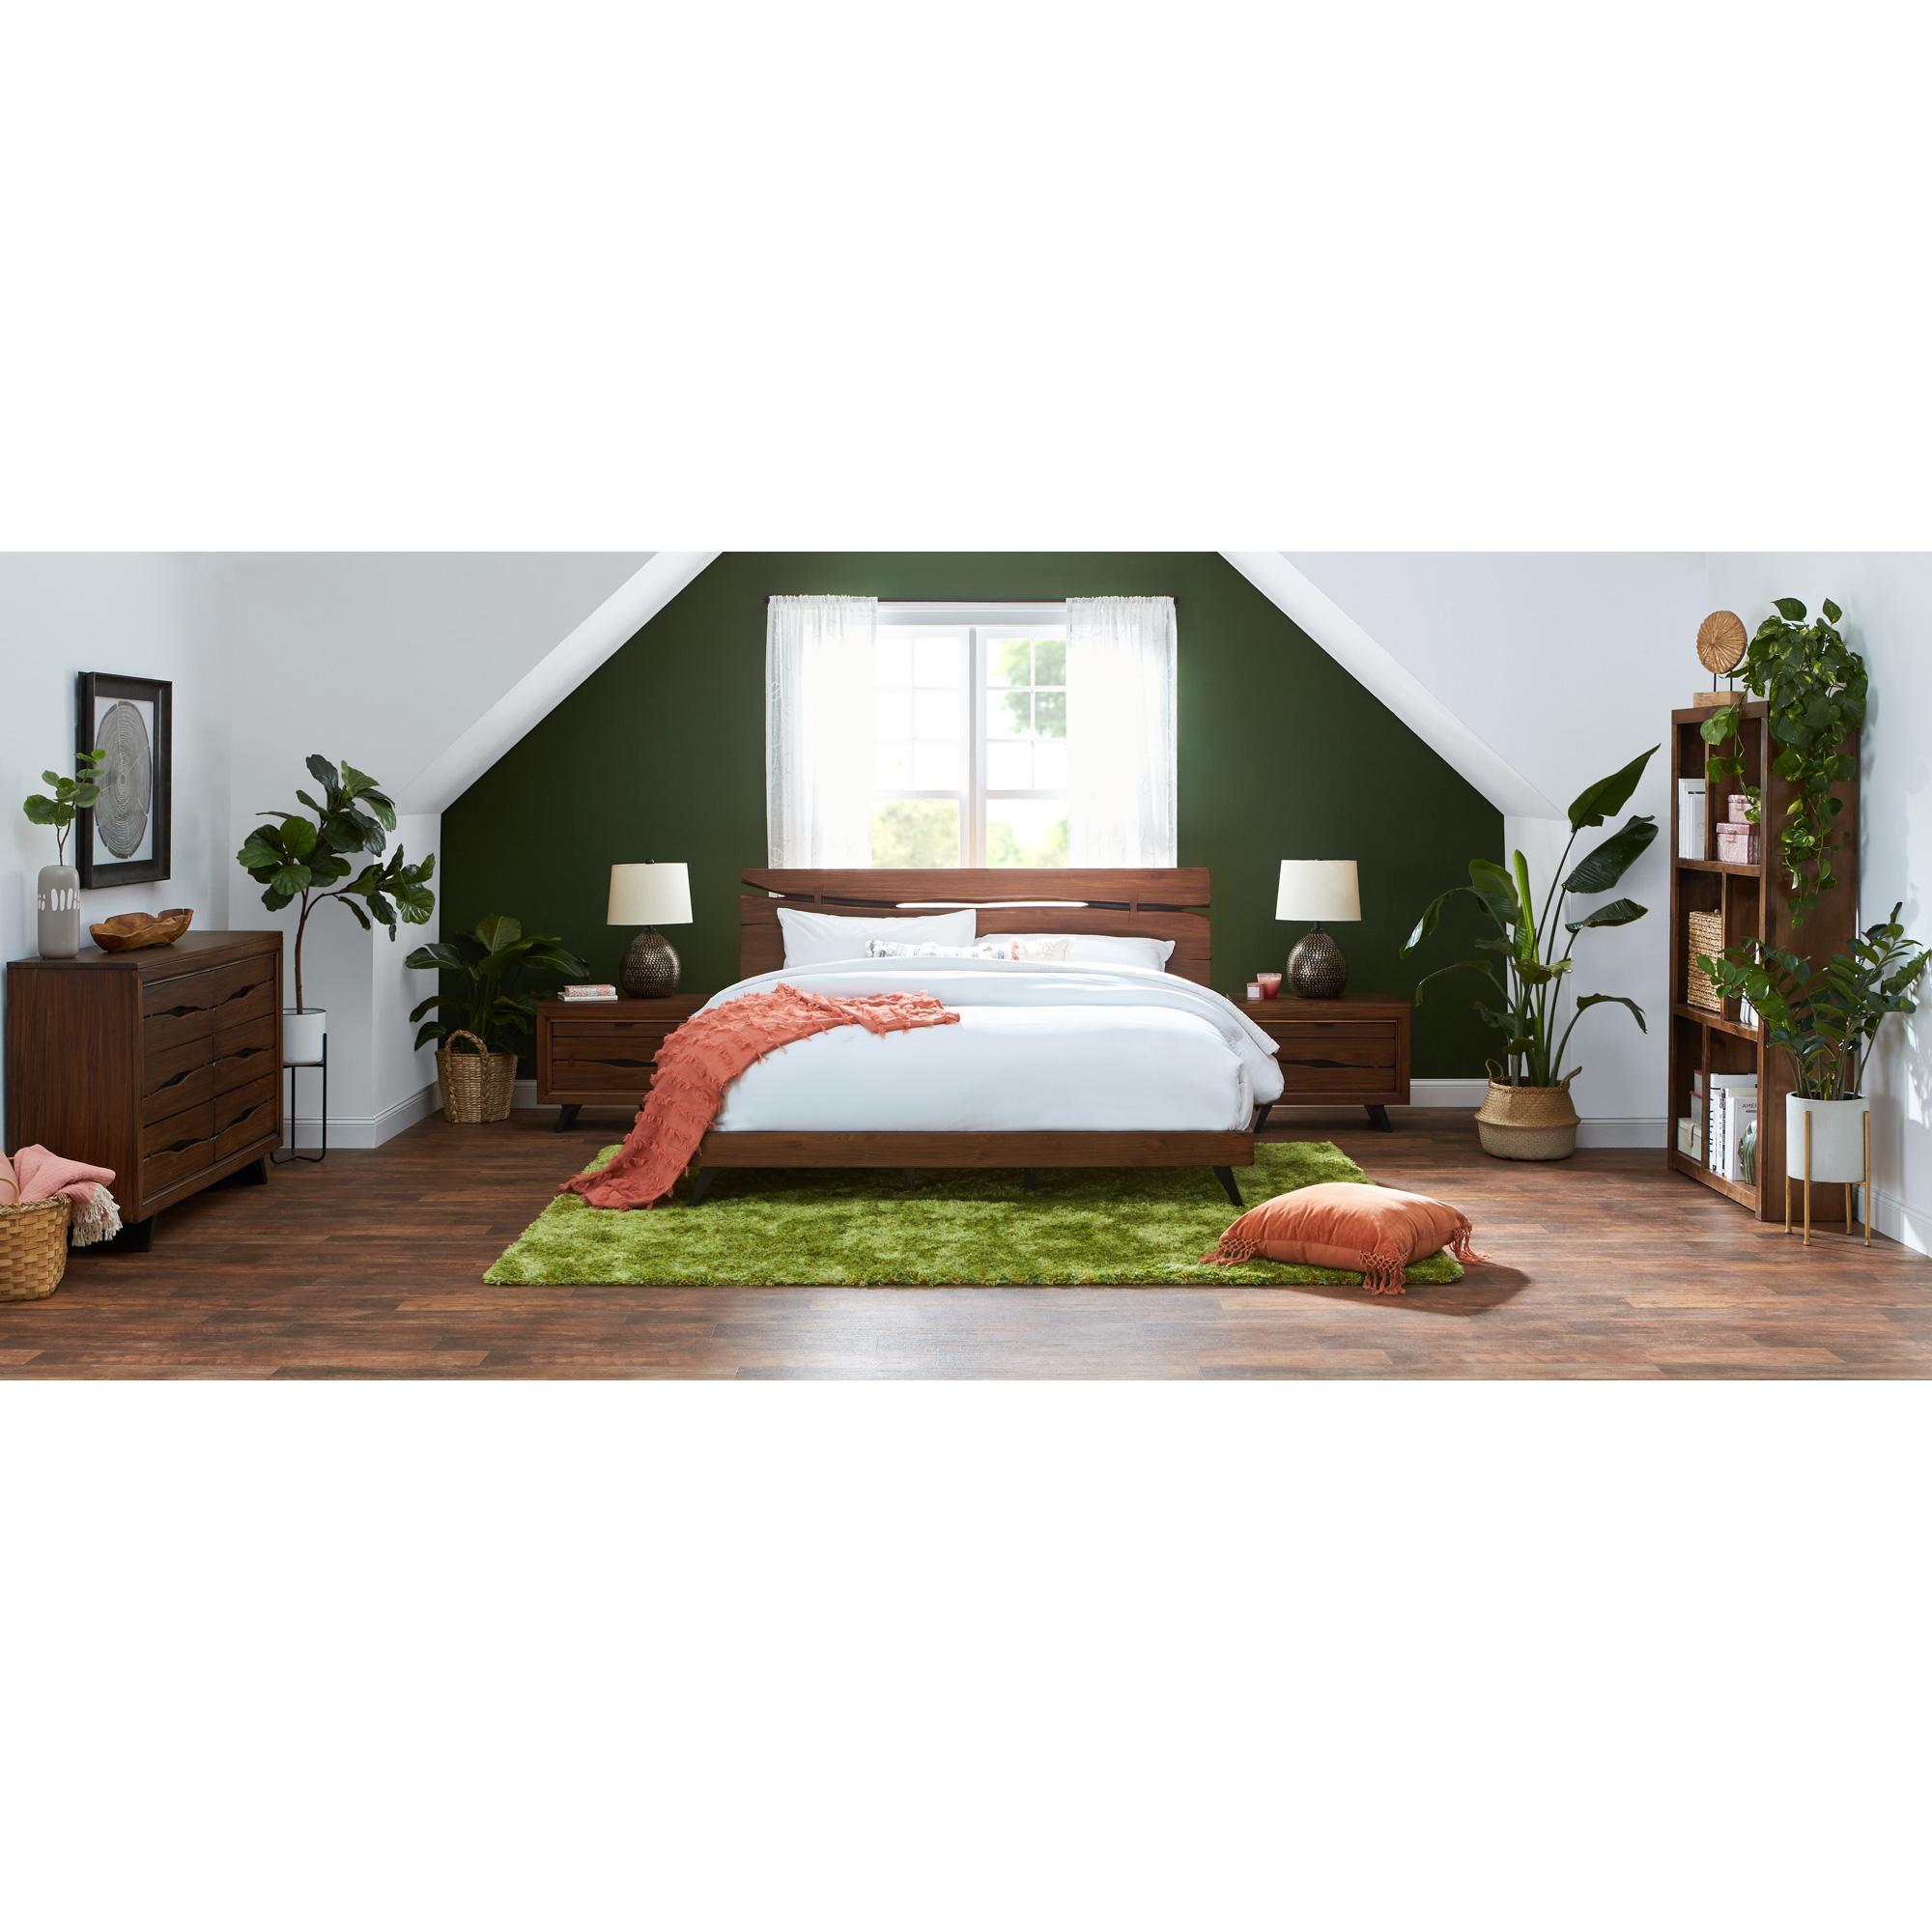 Rotta | Dana Point Rustic Brown Queen 4 Piece Room Group Bedroom Set